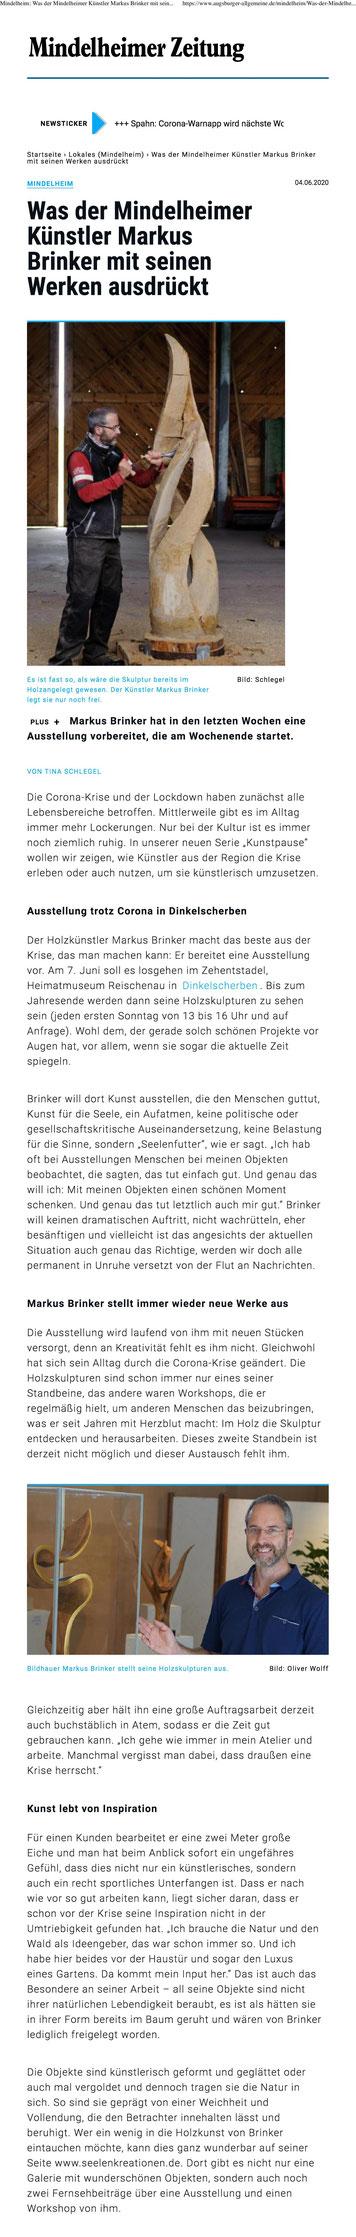 Pressebericht über Markus Brinkers`s künstlerische Arbeit währen der Corona-Beschränkungen